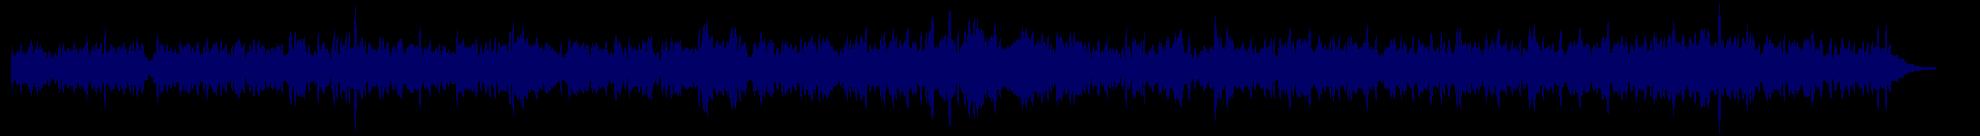 waveform of track #67043